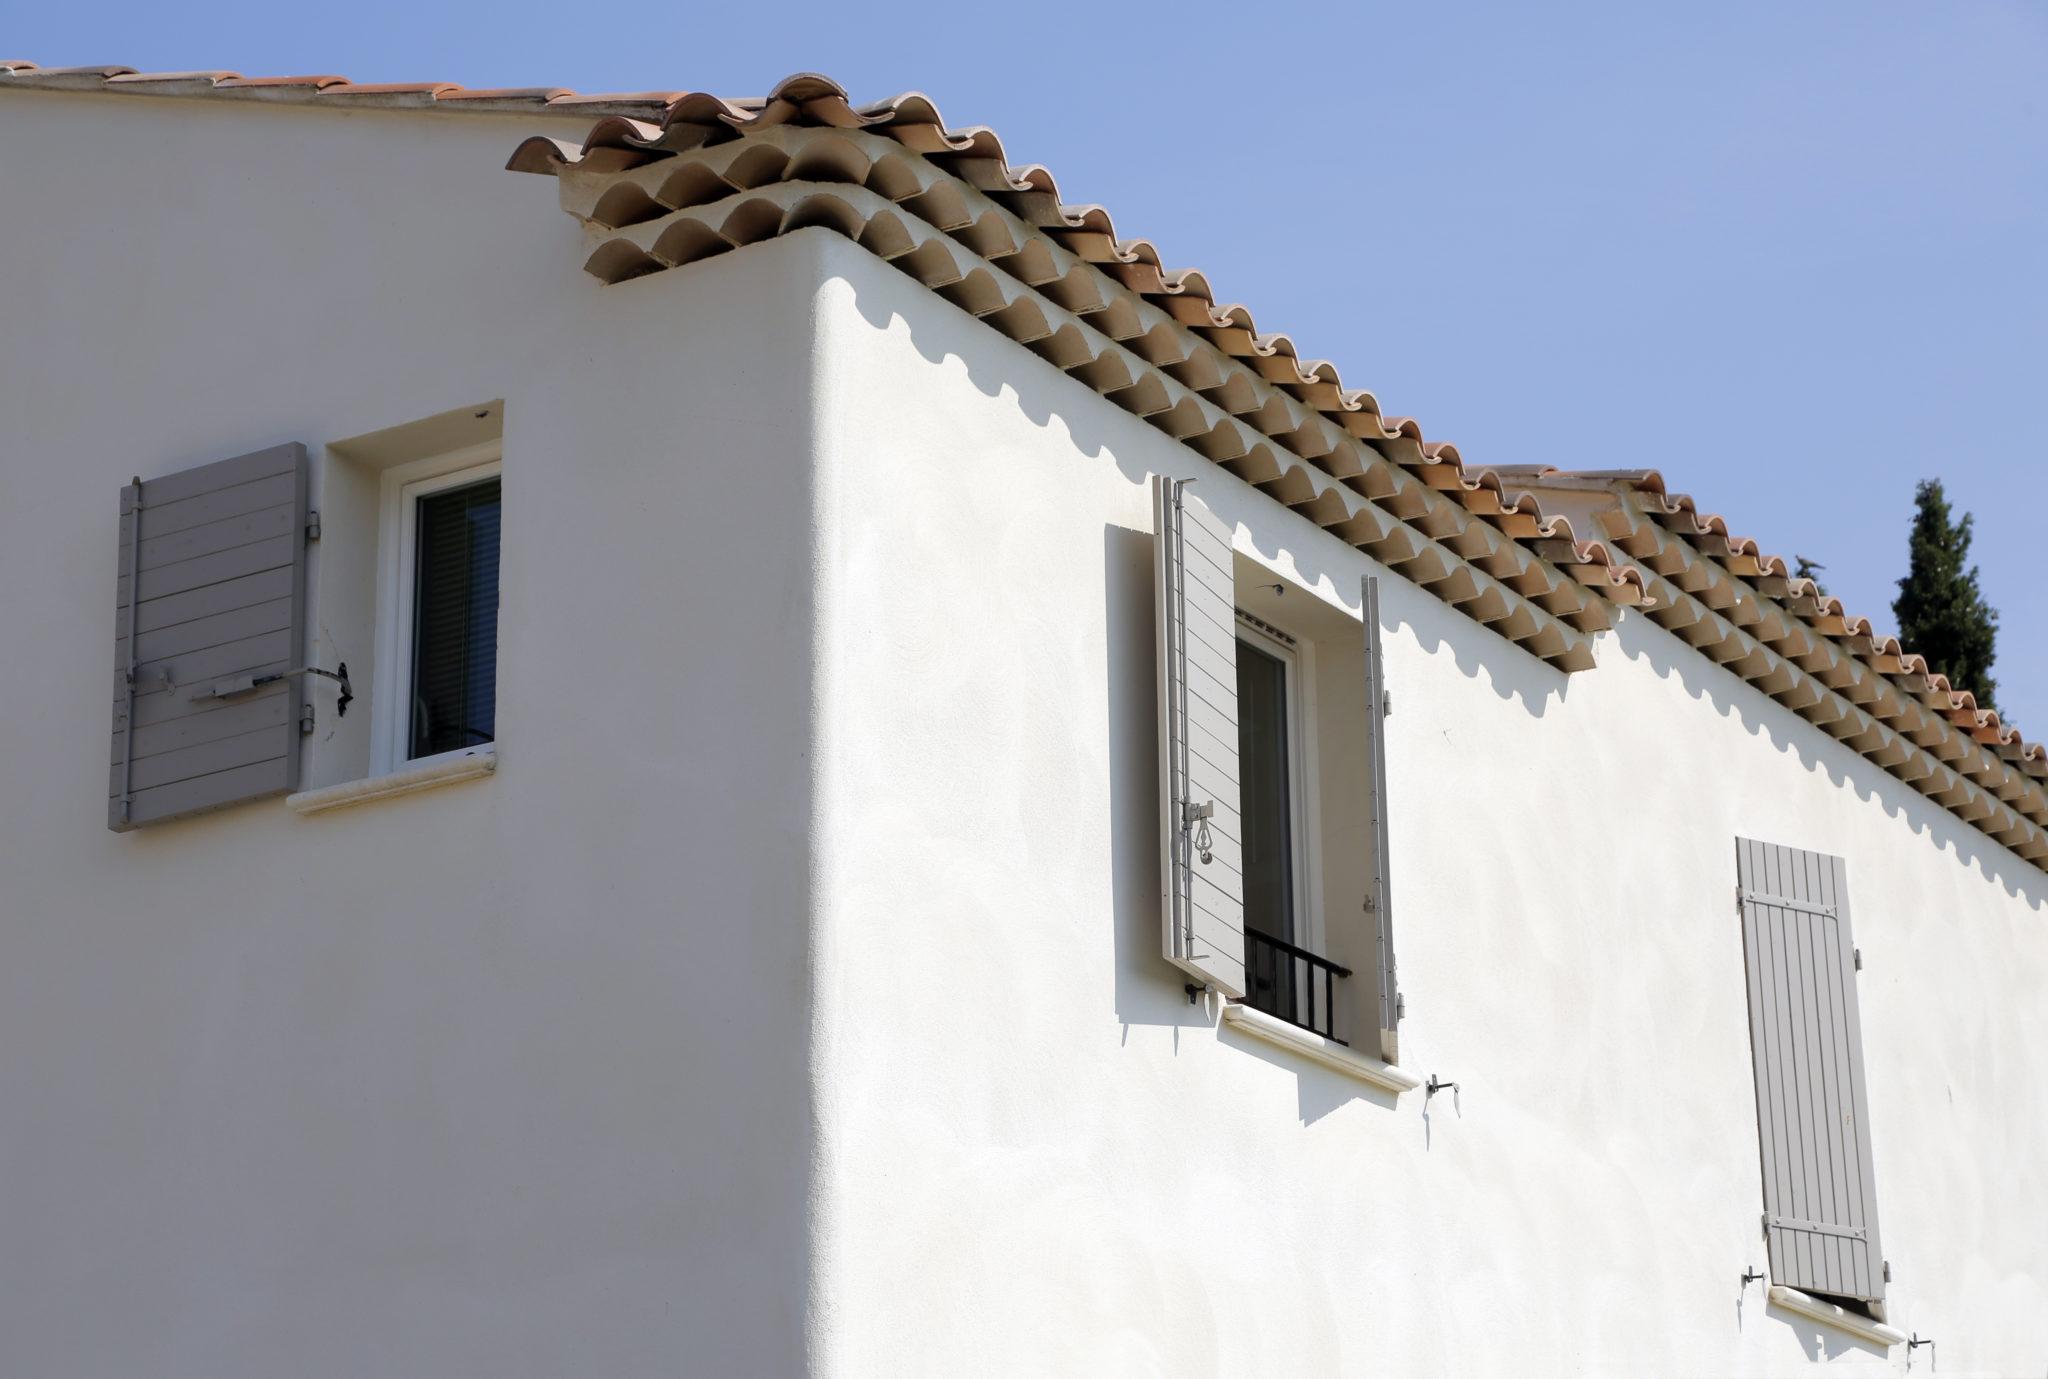 Couleurs Facades En Provence enduit à la chaux : mas provence, construction maison saine